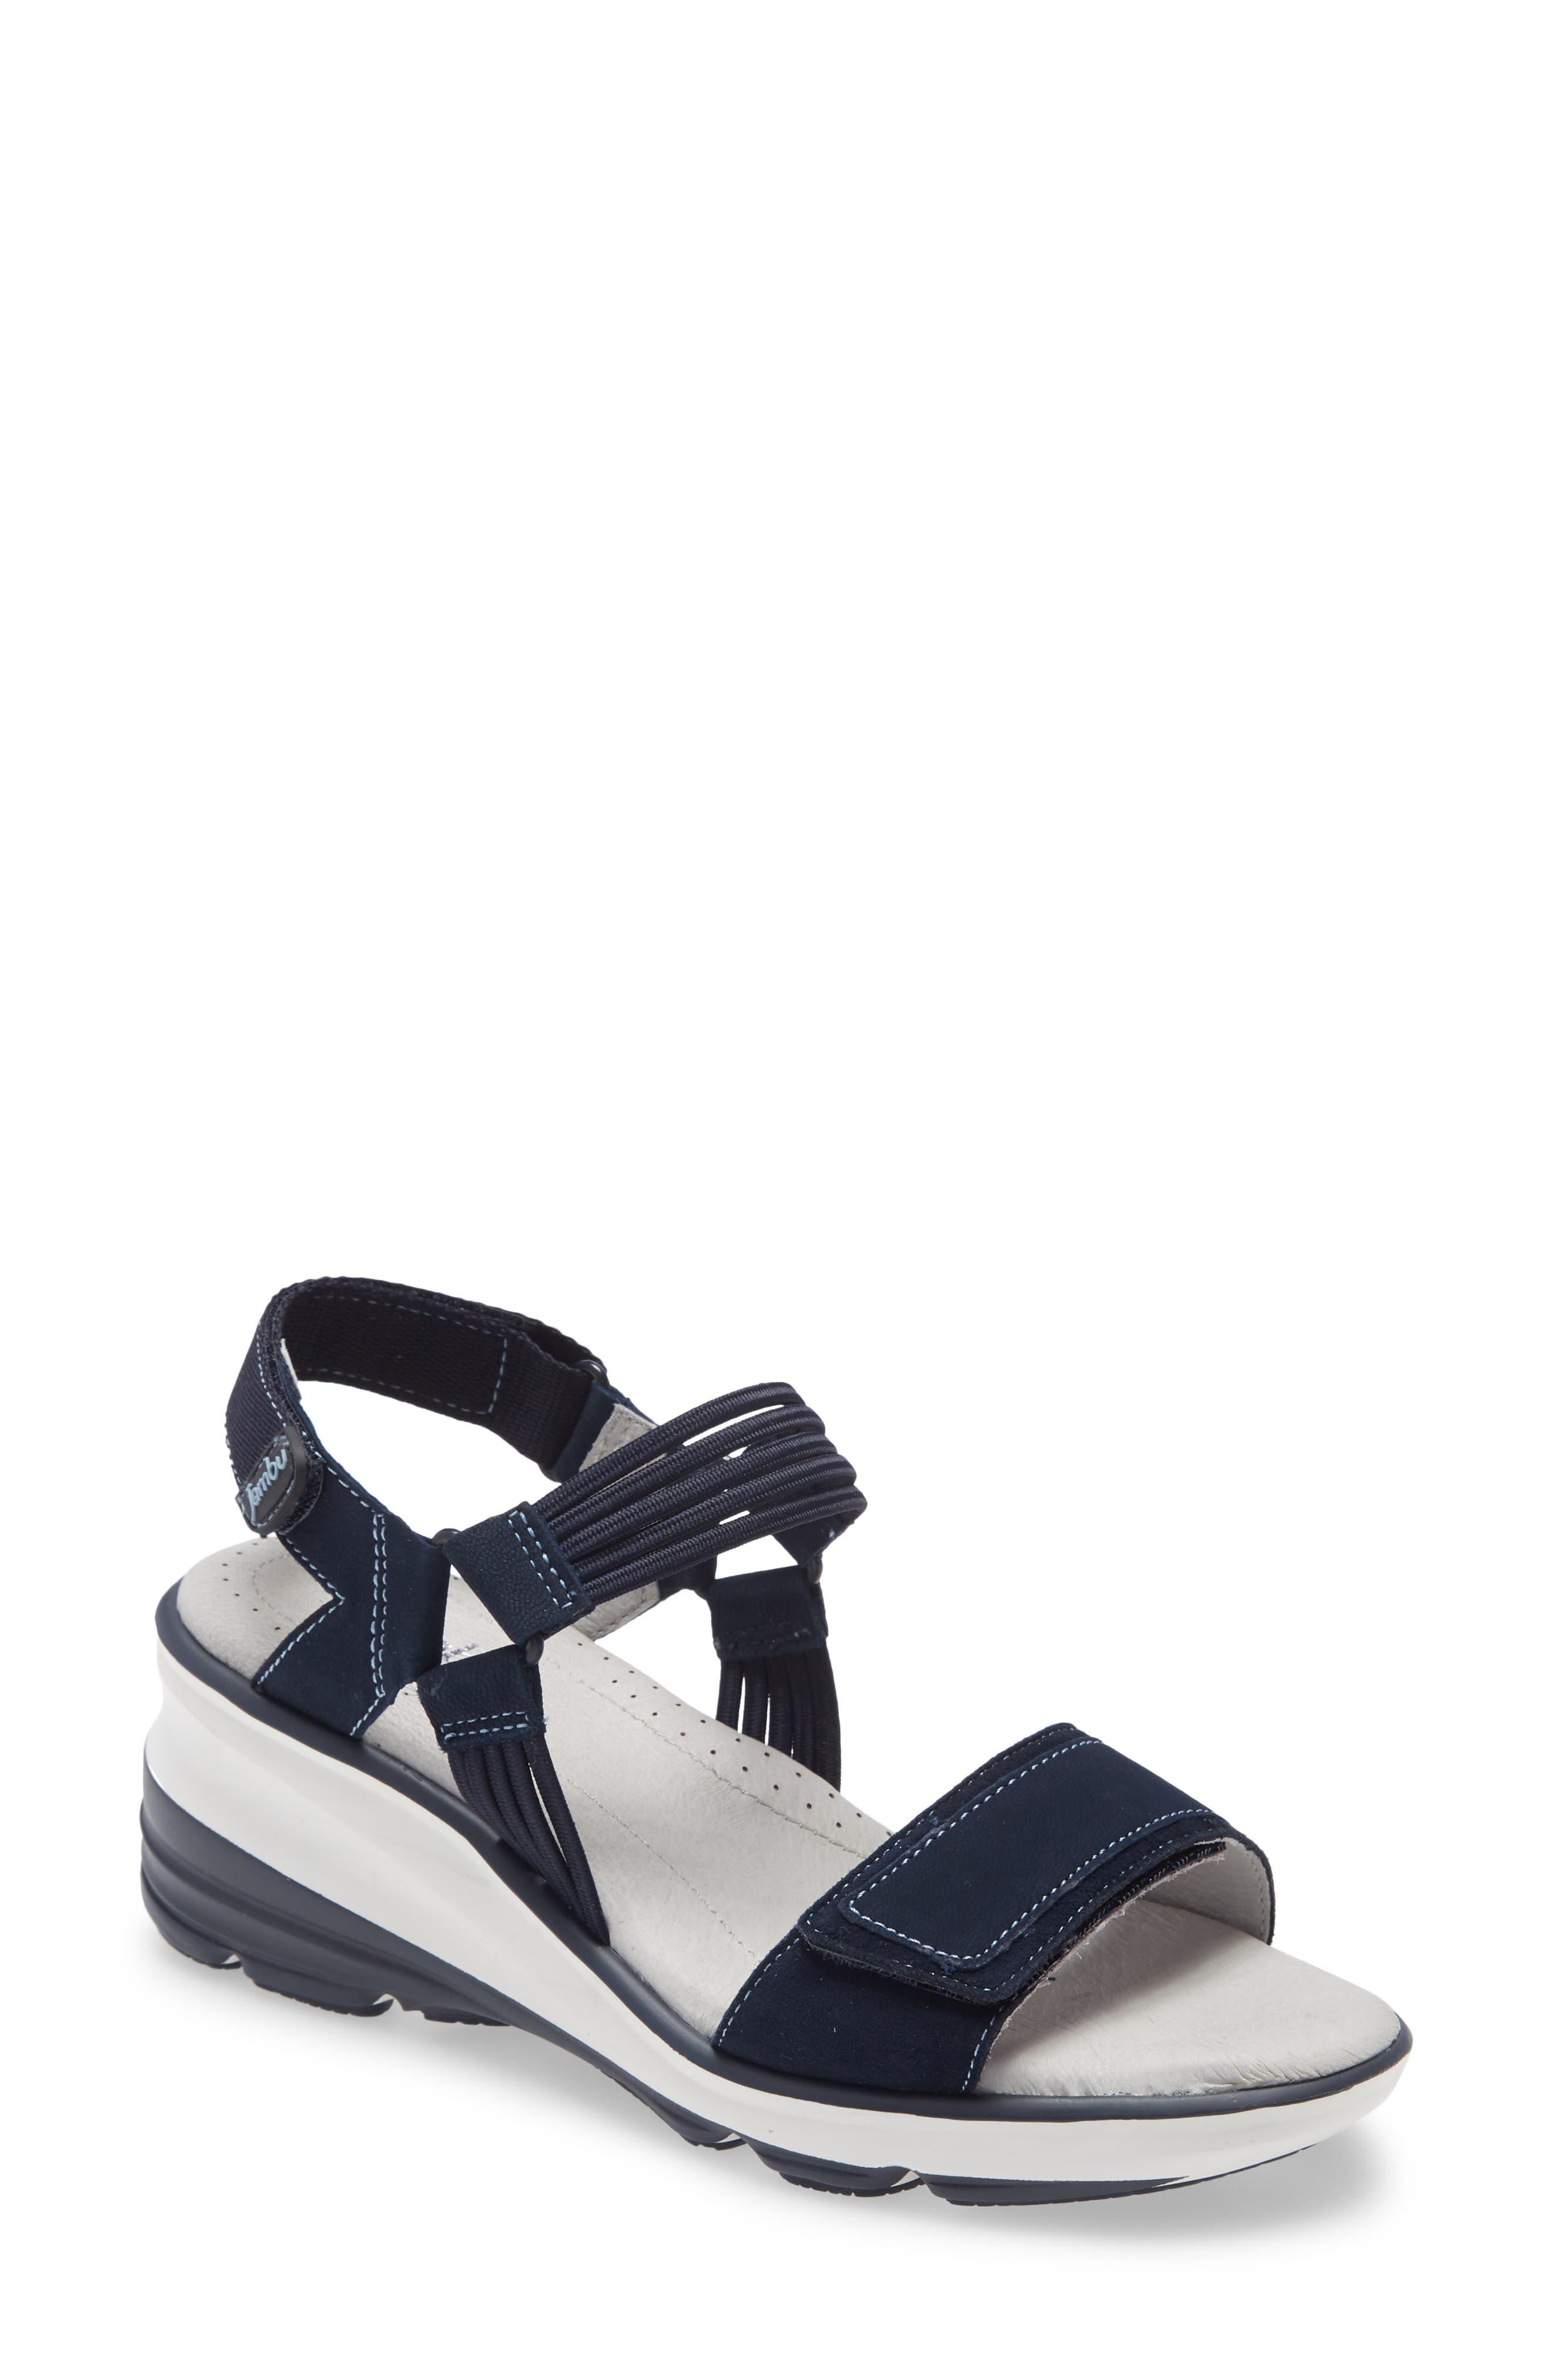 St. Tropaz Slingback Wedge Sandal